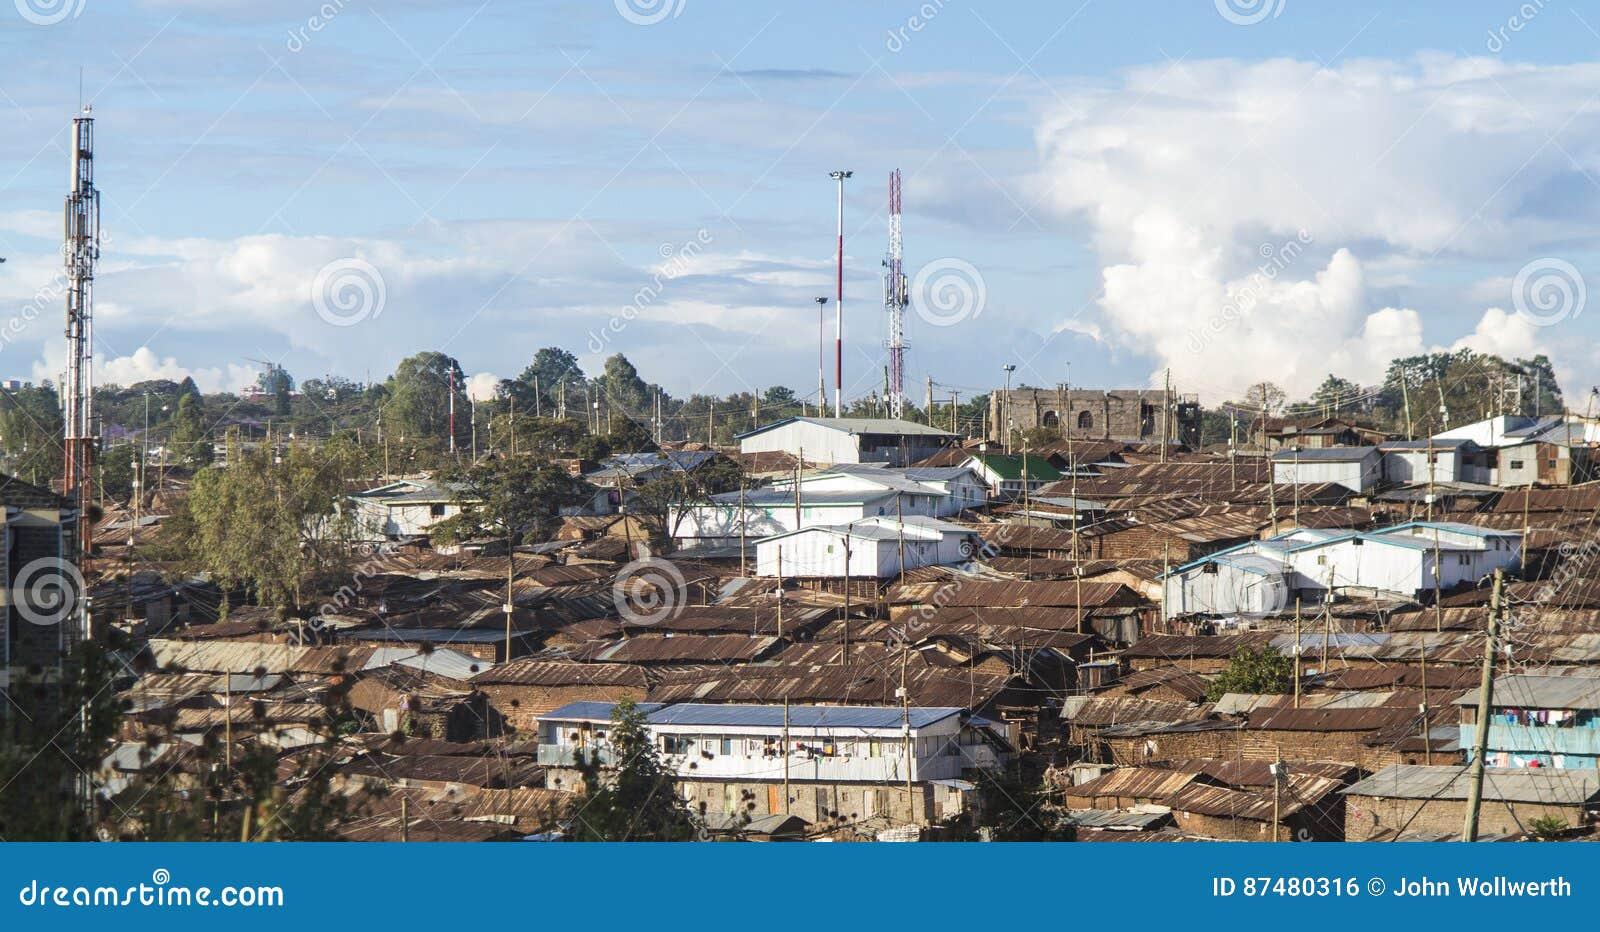 Roestige daken van een krottenwijk in Oost-Afrika